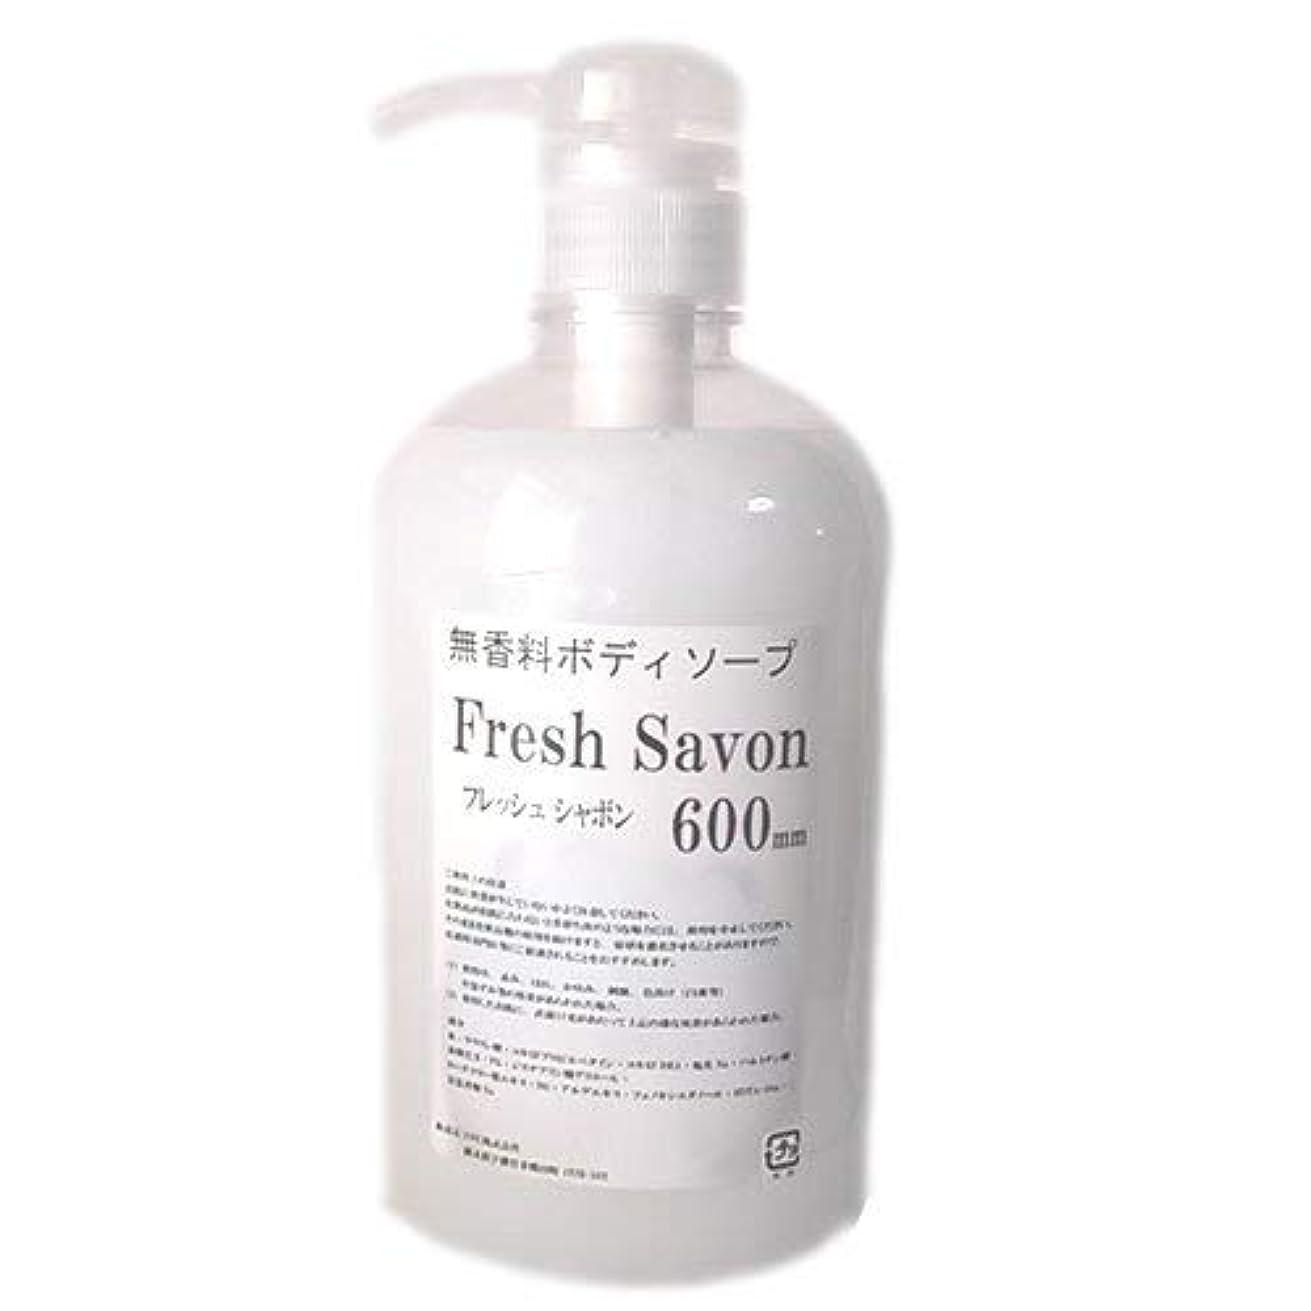 かどうか余計な帰る無香料ボディソープ フレッシュシャボン 600mL 香りが残らないタイプ (3本セット)